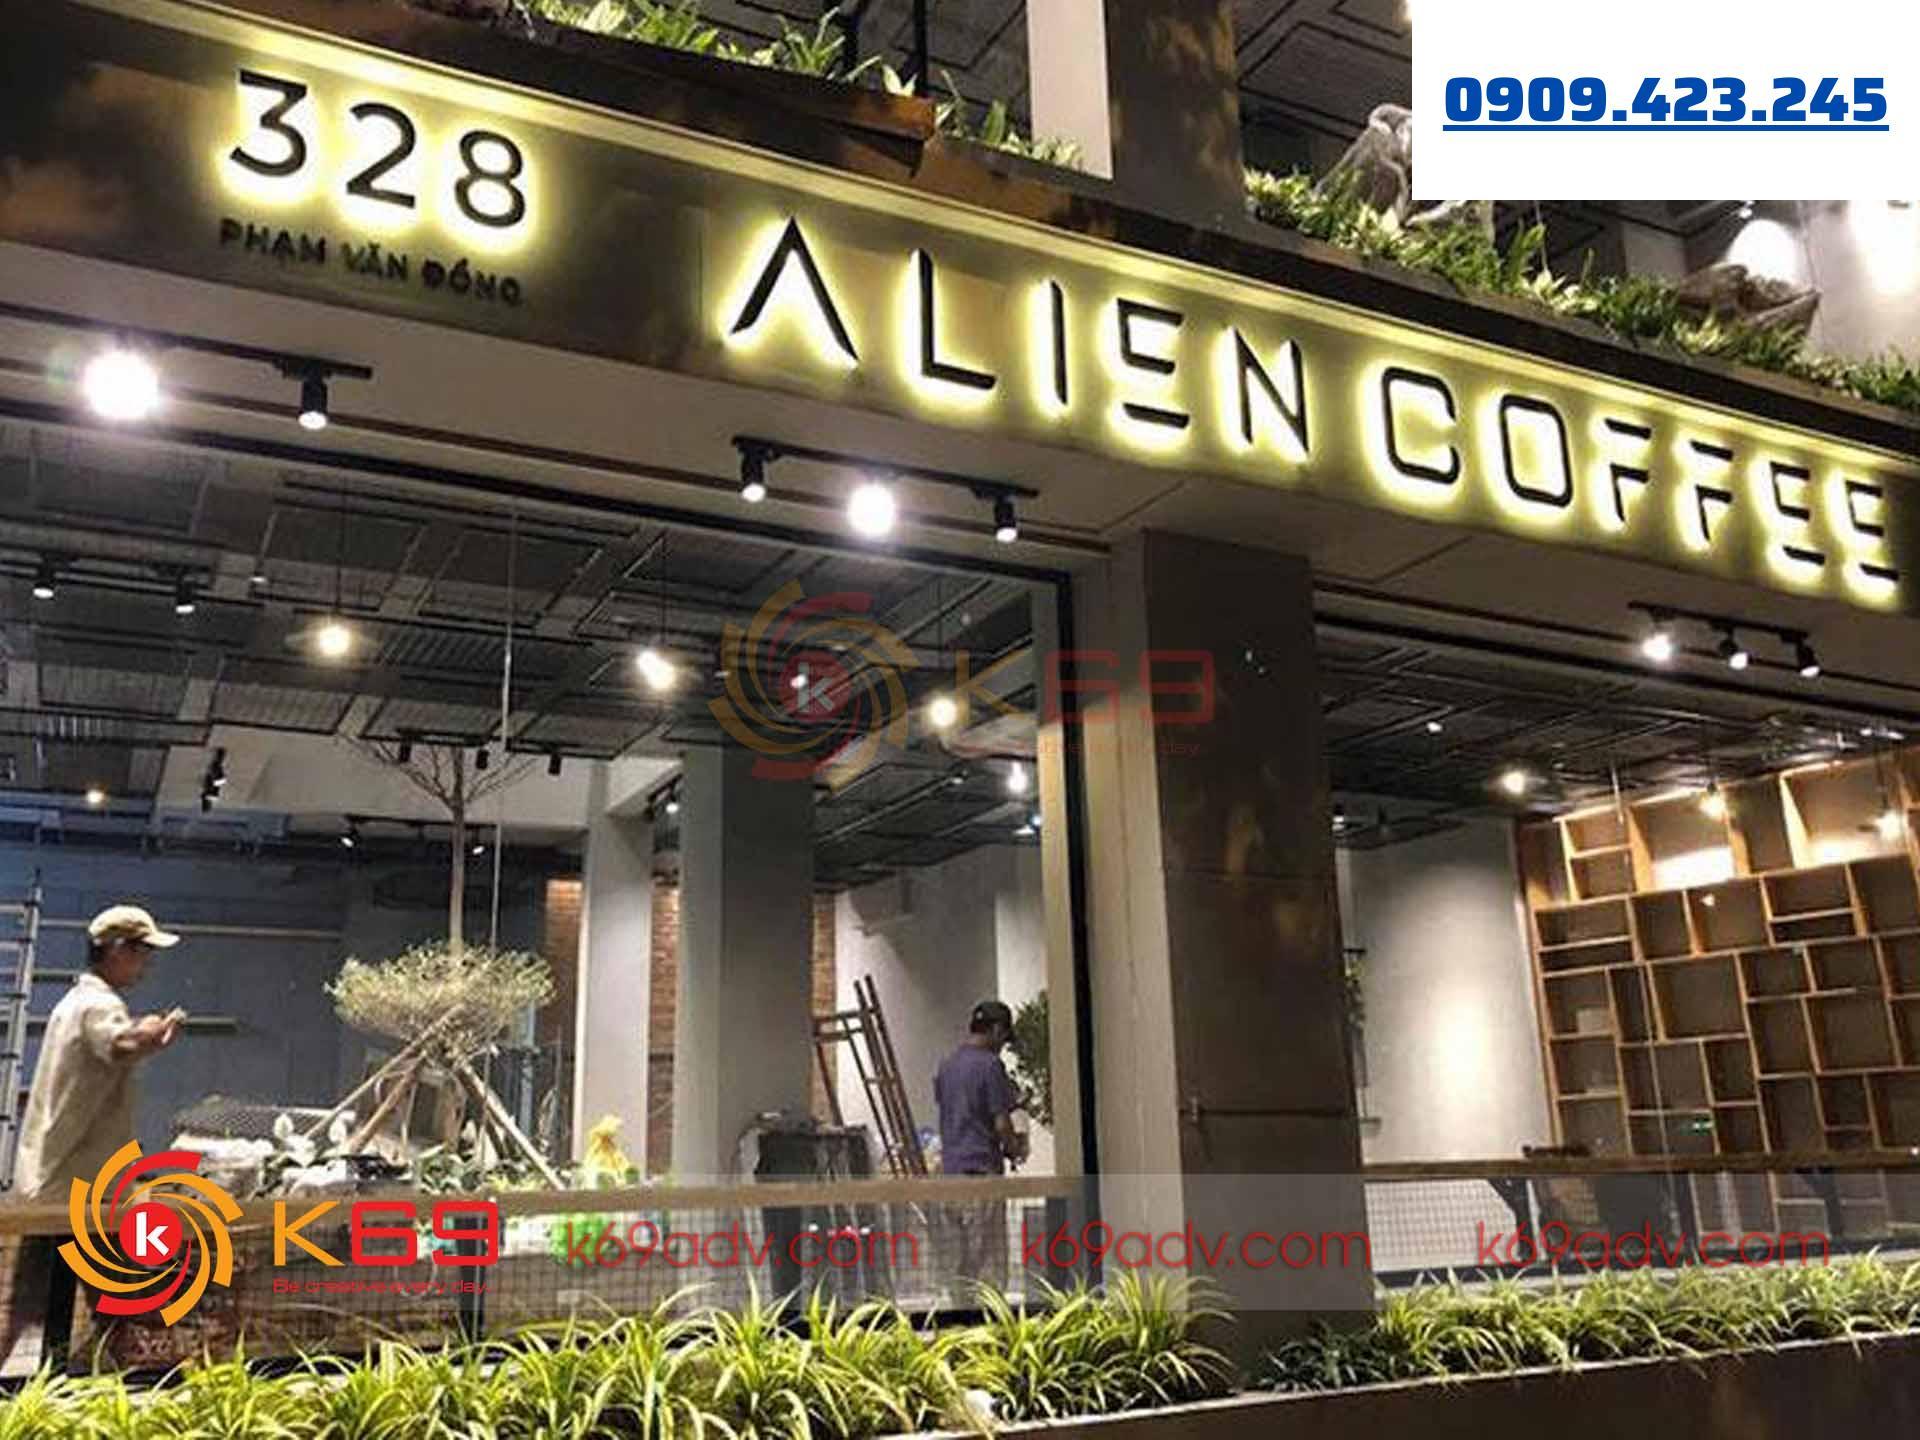 mẫu bảng hiệu quán cafe